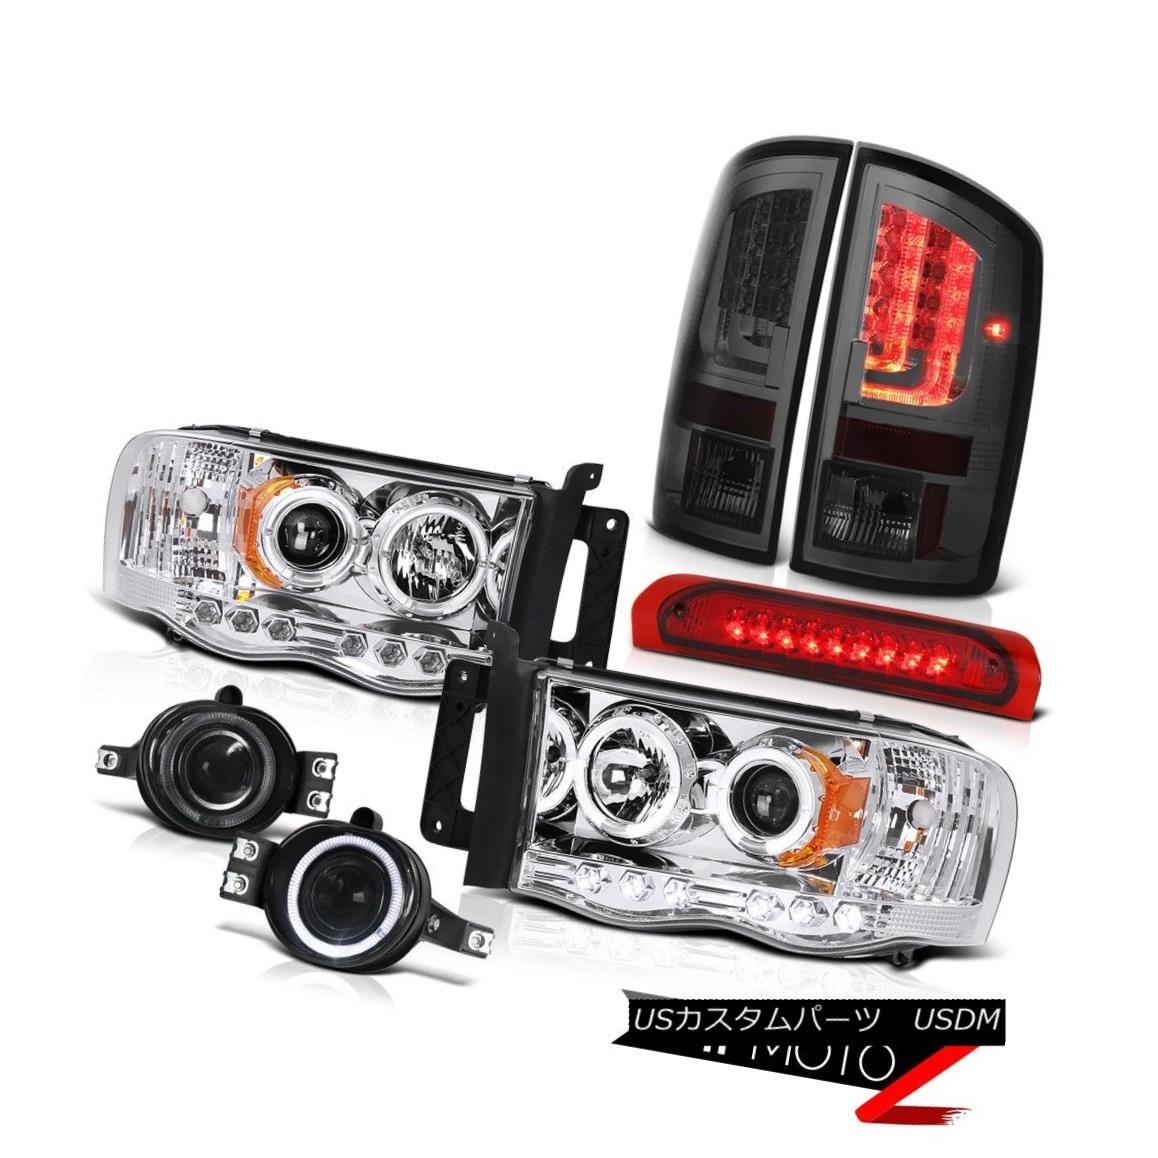 テールライト 02-05 Ram 1500 2500 3500 5.9L Tail Lamps Headlamps Fog Lights 3RD Brake Lamp LED 02-05 Ram 1500 2500 3500 5.9Lテールランプヘッドランプフォグライト3RDブレーキランプLED